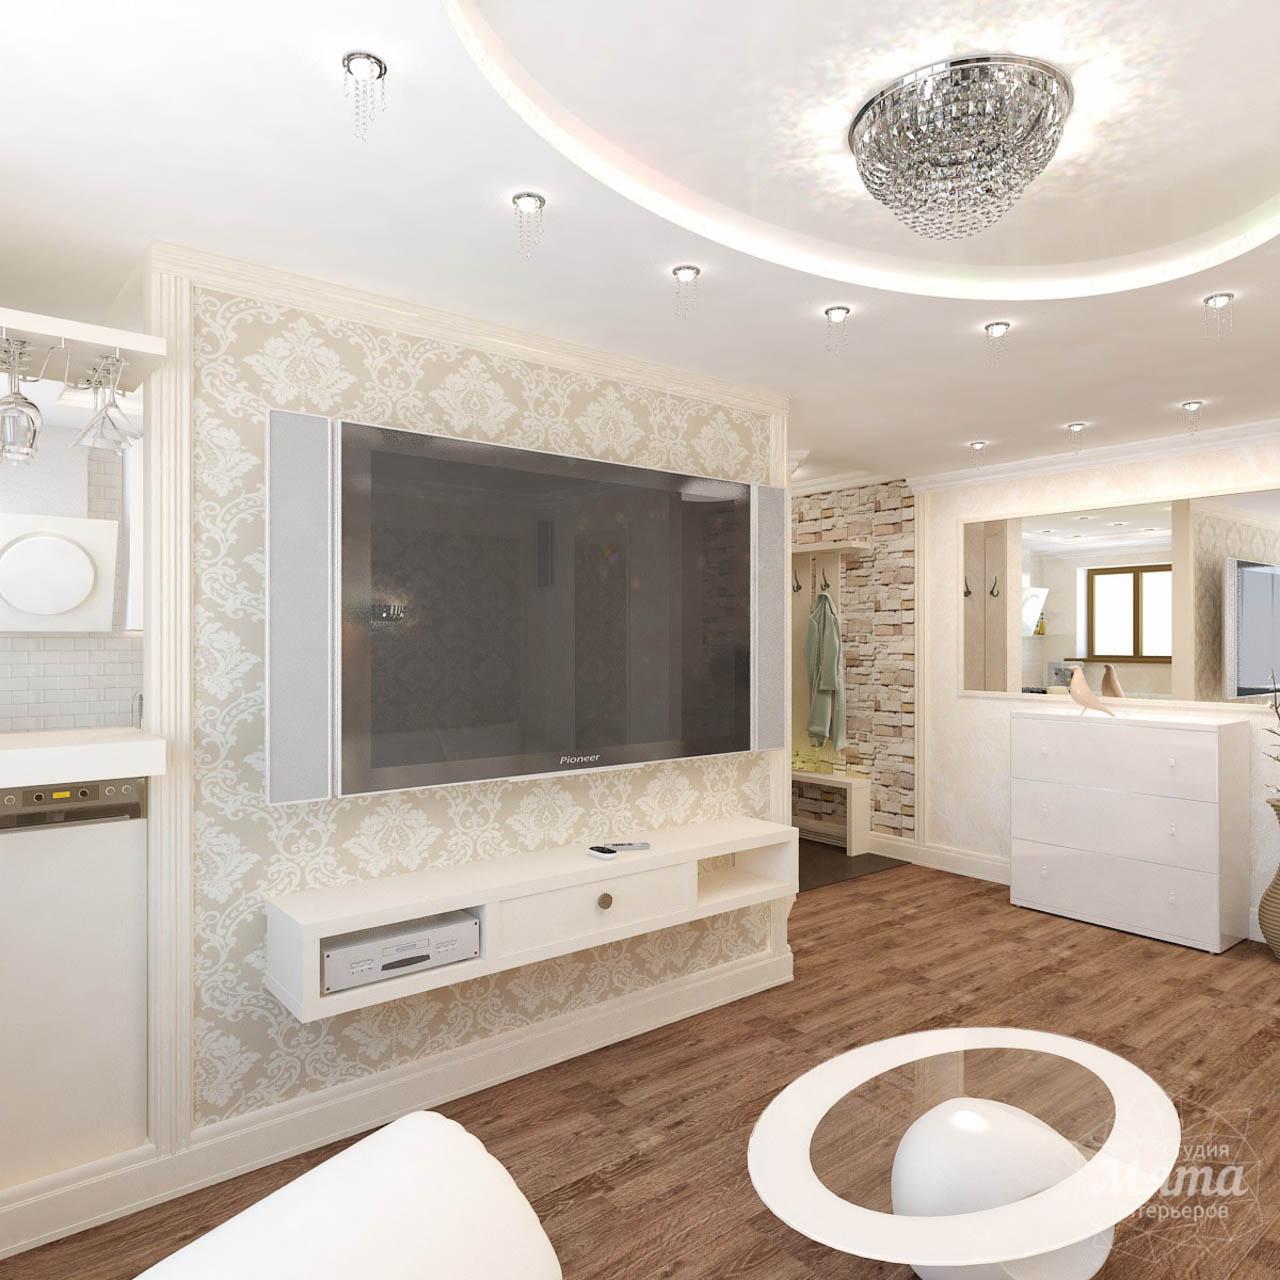 Дизайн интерьера двухкомнатной квартиры по ул. Бебеля 156 img1911916393